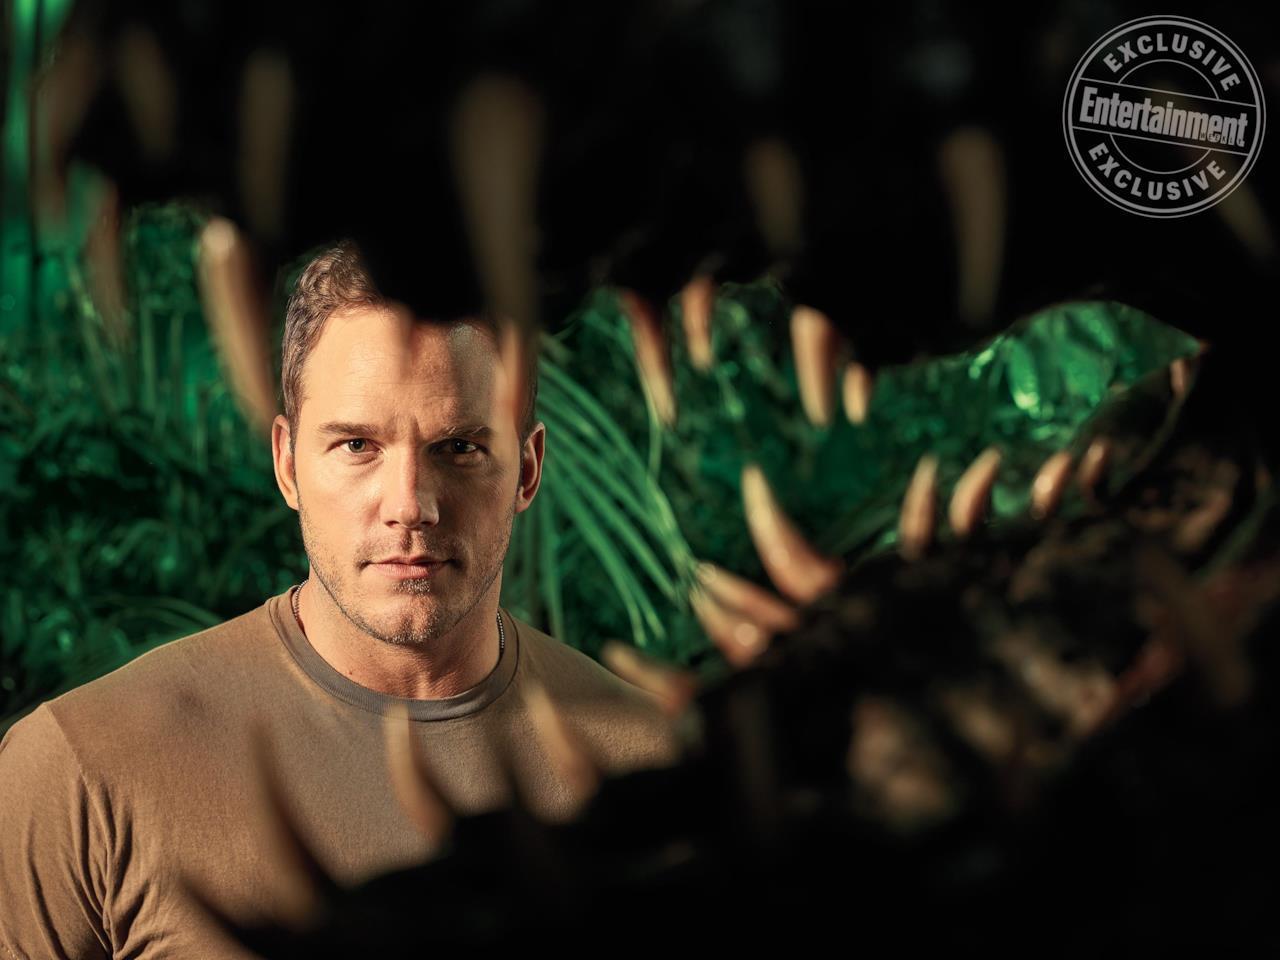 Le immagini in esclusiva di EW a tema Jurassic World: Il Regno Distrutto